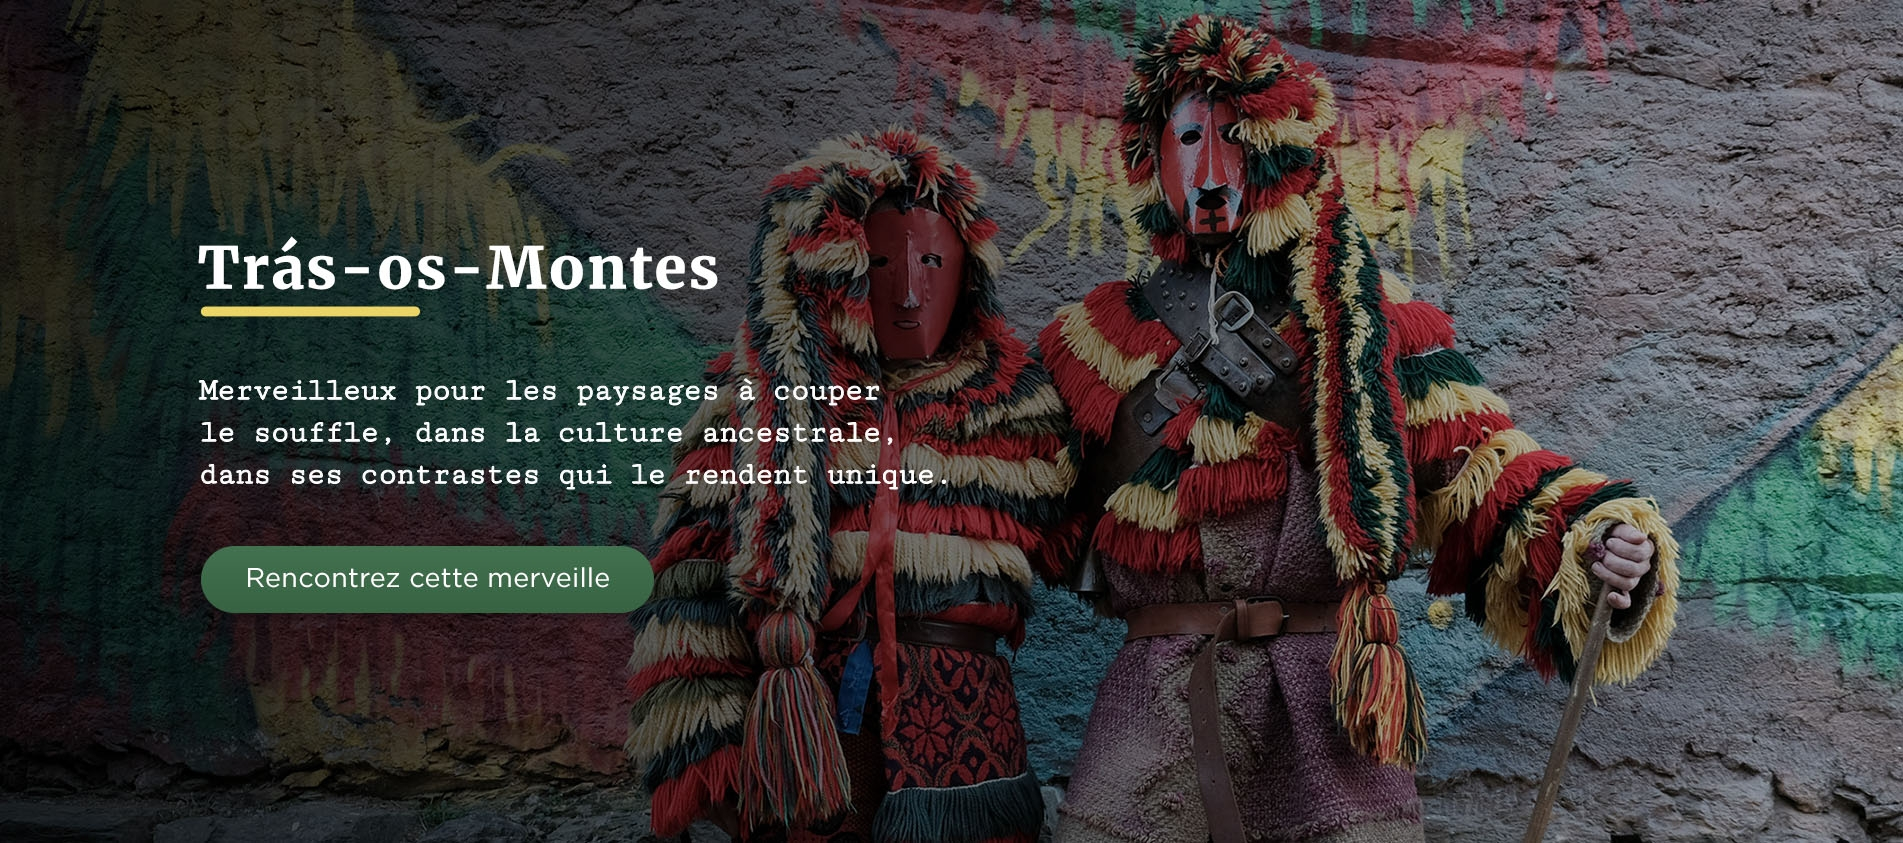 Culture de Trás-os-Montes - Meirinho Biológico